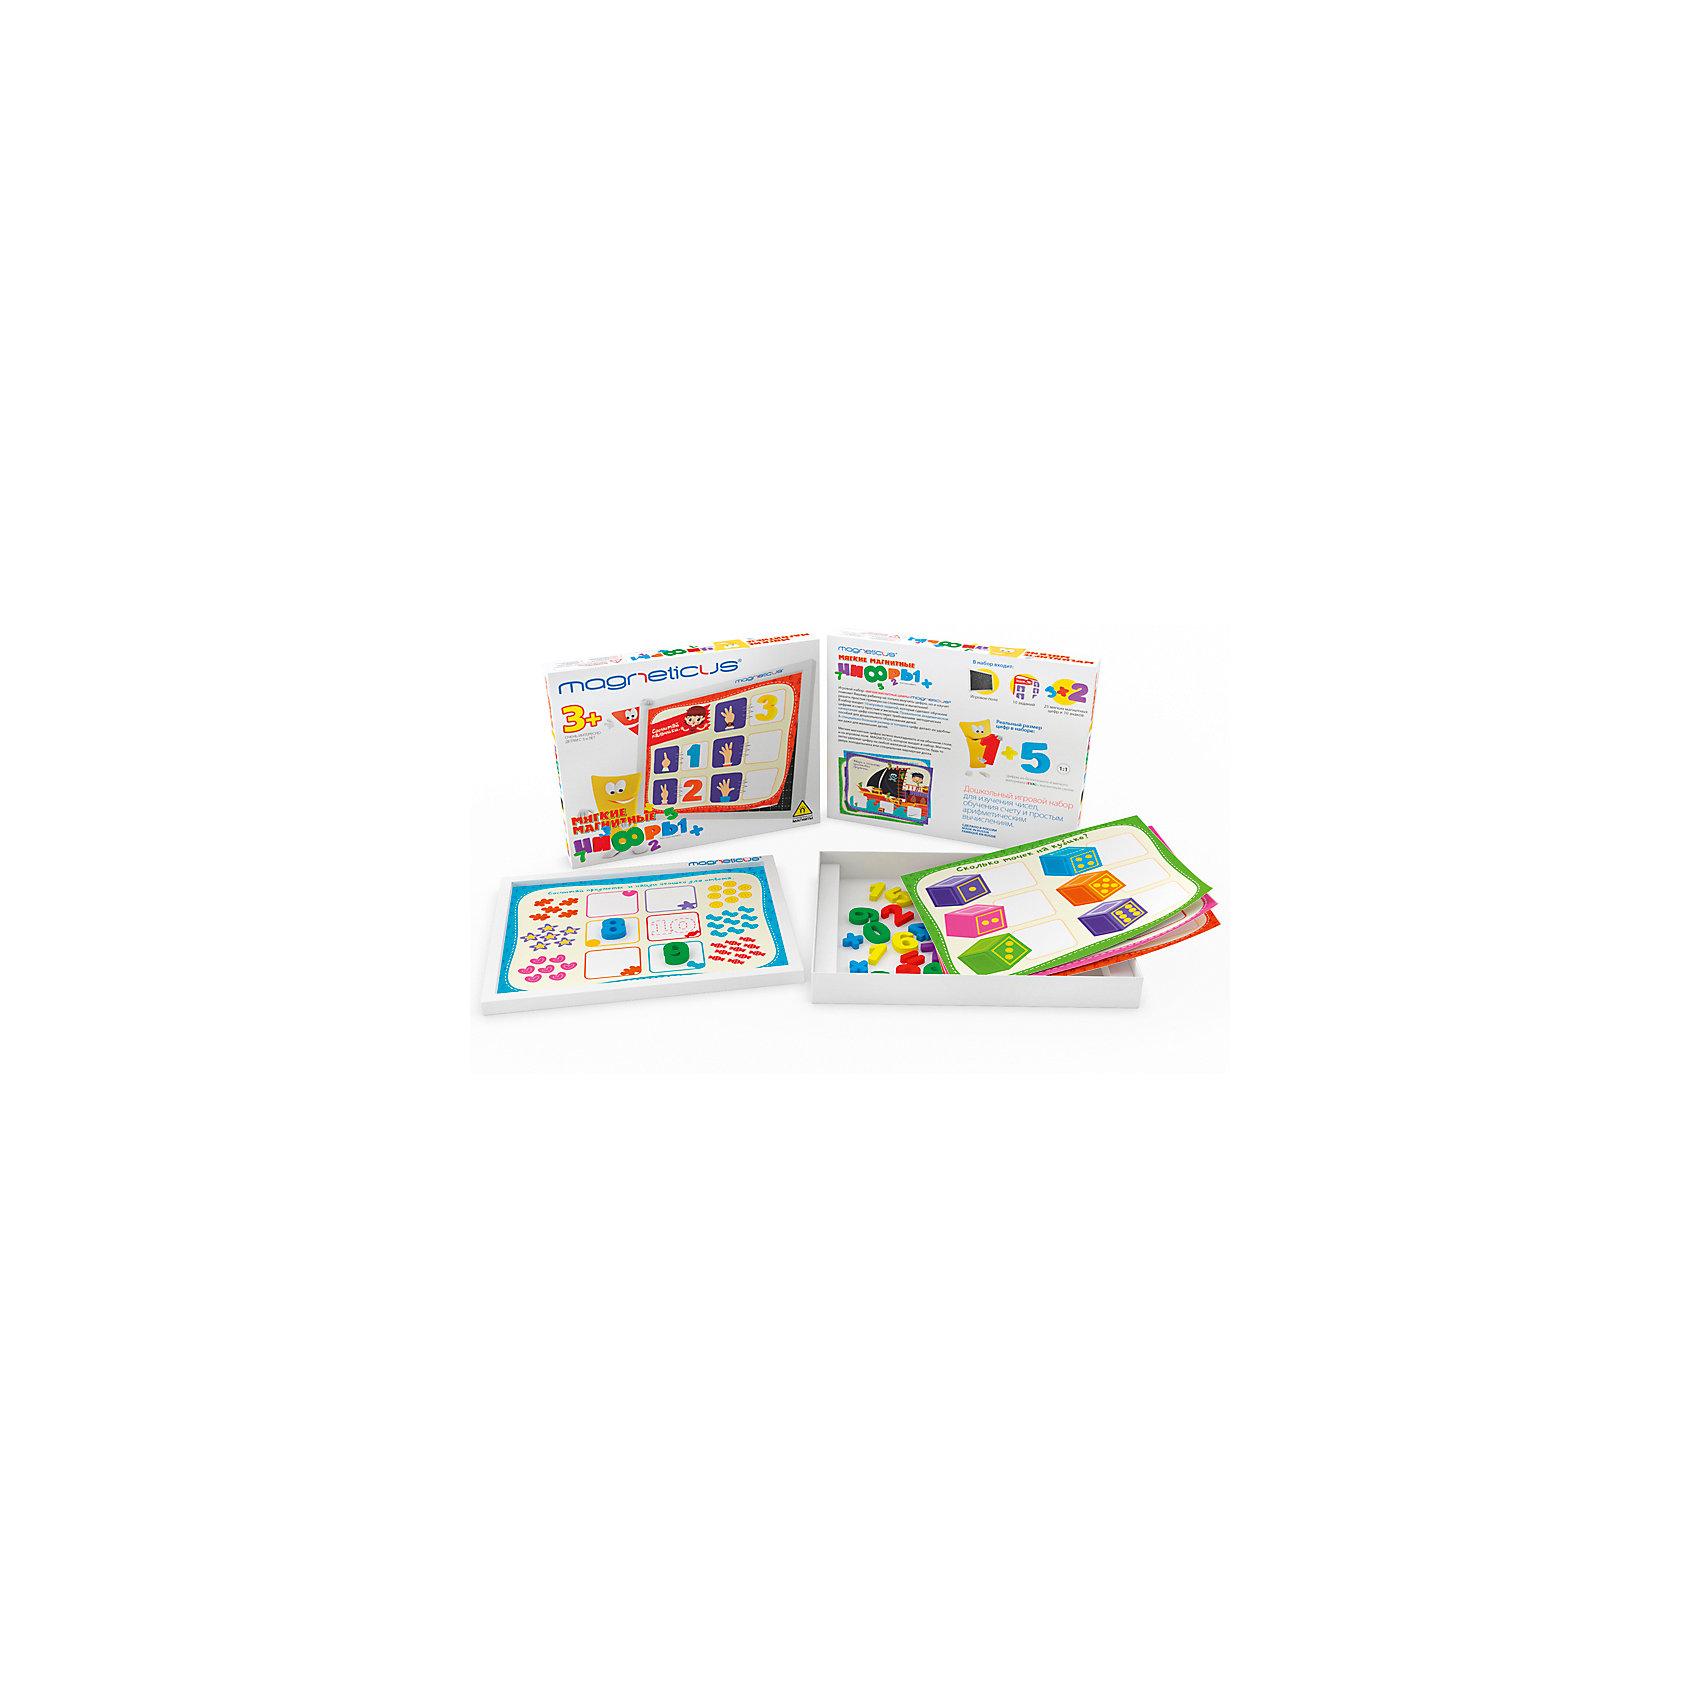 Игровой набор Мягкие магнитные цифры,  MagneticusИгры для дошкольников<br>Характеристики товара:<br><br>• возраст от 3 лет;<br>• материал: металл, полимер;<br>• в комплекте: магнитное поле, 10 заданий, 25 цифр, 10 знаков;<br>• размер упаковки 26х22х4 см;<br>• вес упаковки 200 гр.;<br>• страна производитель: Россия.<br><br>Игровой набор «Мягкие магнитные цифры» Magneticus представляет собой набор магнитных цифр, которые крепятся на досочку или на любую металлическую поверхность. Набор позволит малышам выучить цифры и основы счета, а также поспособствует развитию мелкой моторики рук, тактильных ощущений, логического мышления. Цифры сделаны из специального полимера, безопасного для детей.<br><br>Игровой набор «Мягкие магнитные цифры» Magneticus можно приобрести в нашем интернет-магазине.<br><br>Ширина мм: 260<br>Глубина мм: 220<br>Высота мм: 40<br>Вес г: 200<br>Возраст от месяцев: 36<br>Возраст до месяцев: 96<br>Пол: Унисекс<br>Возраст: Детский<br>SKU: 5613497